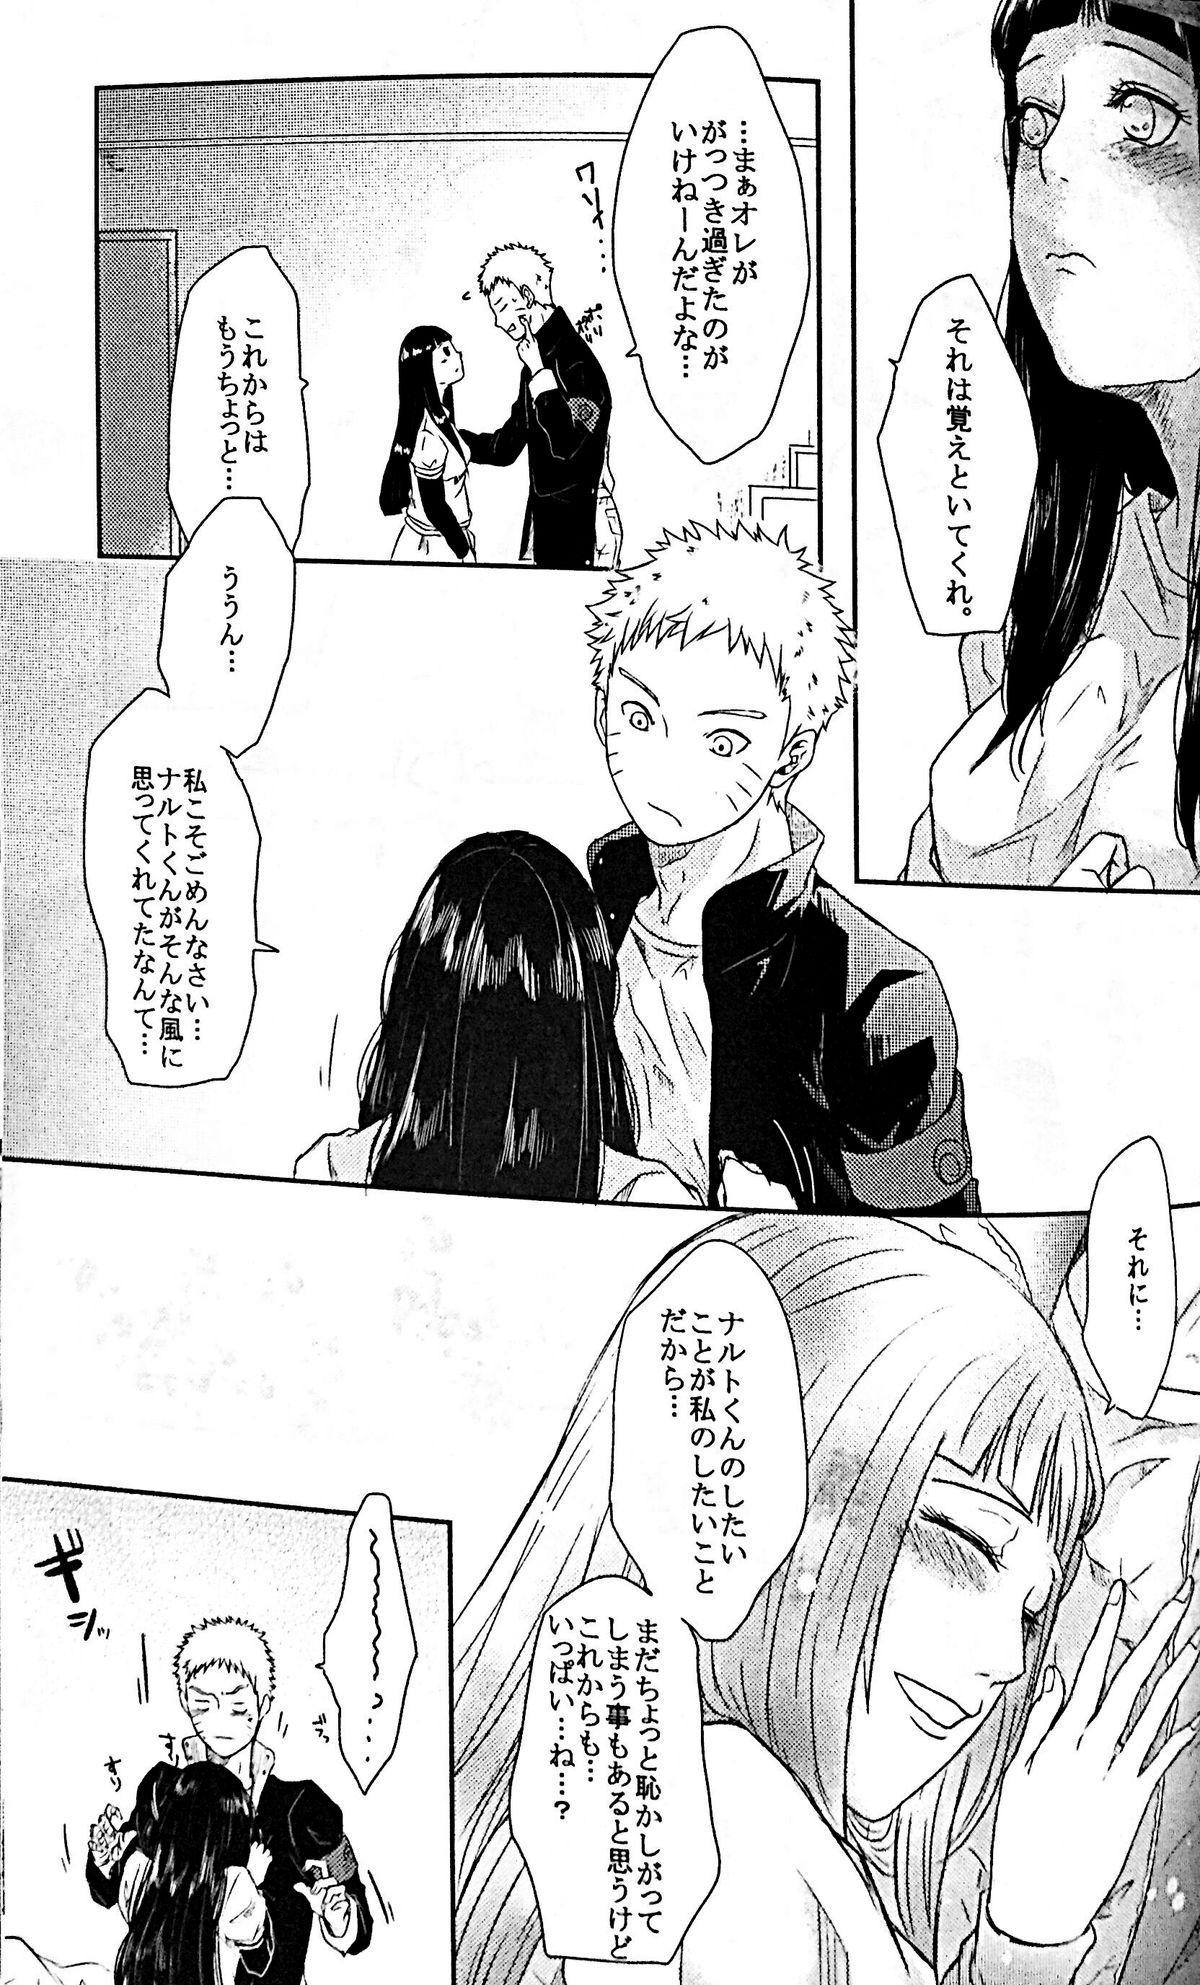 Naruto-kun no Ecchi!! 31